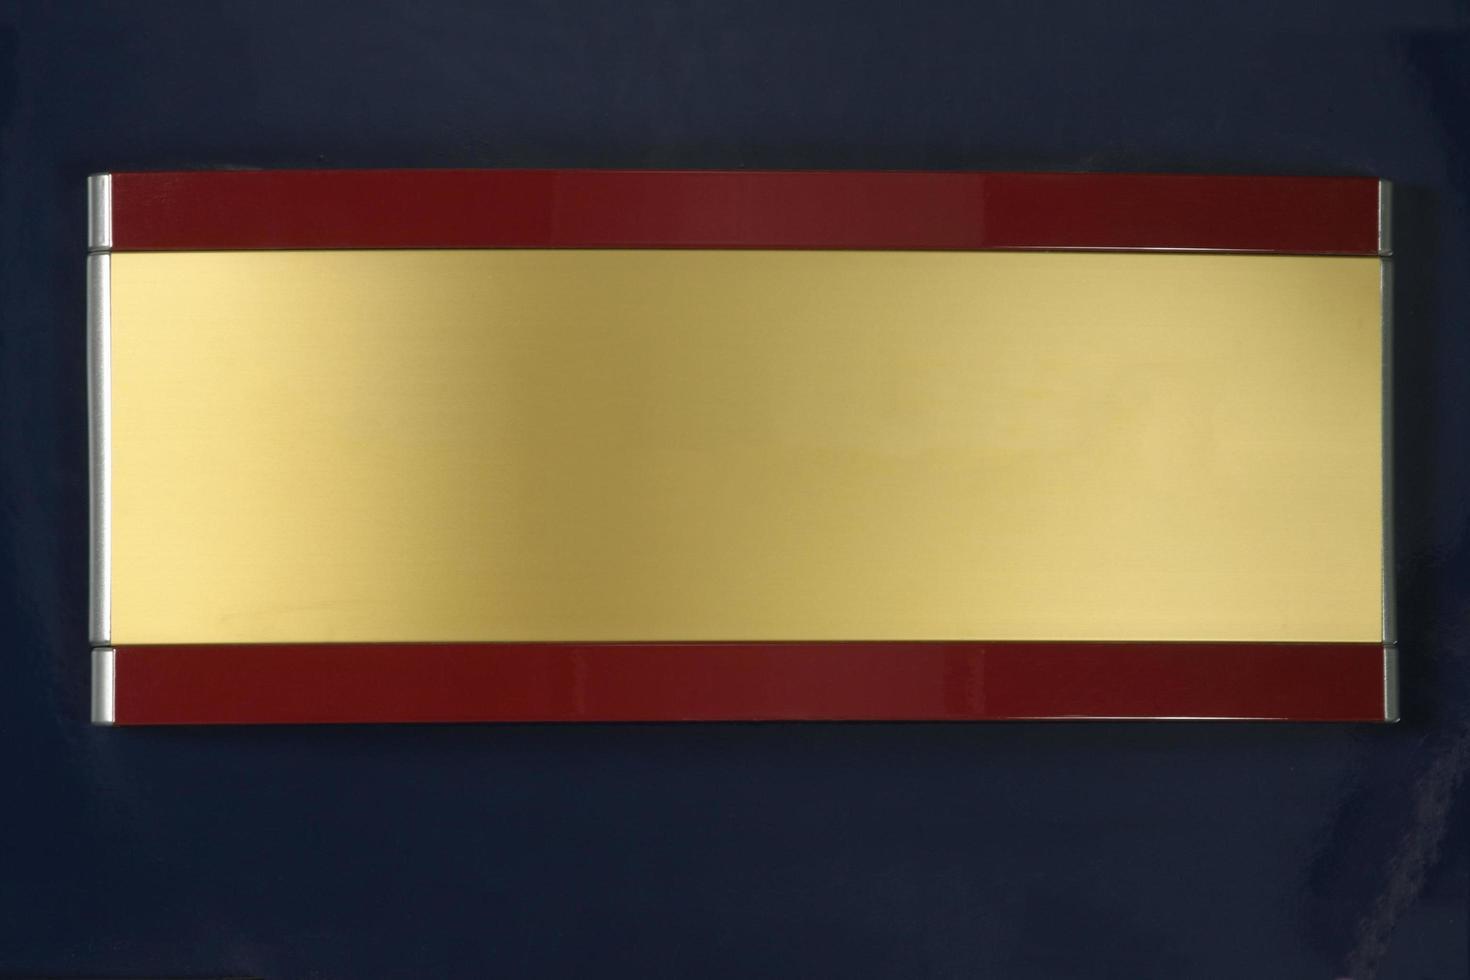 panneau d'affichage accroché au mur photo